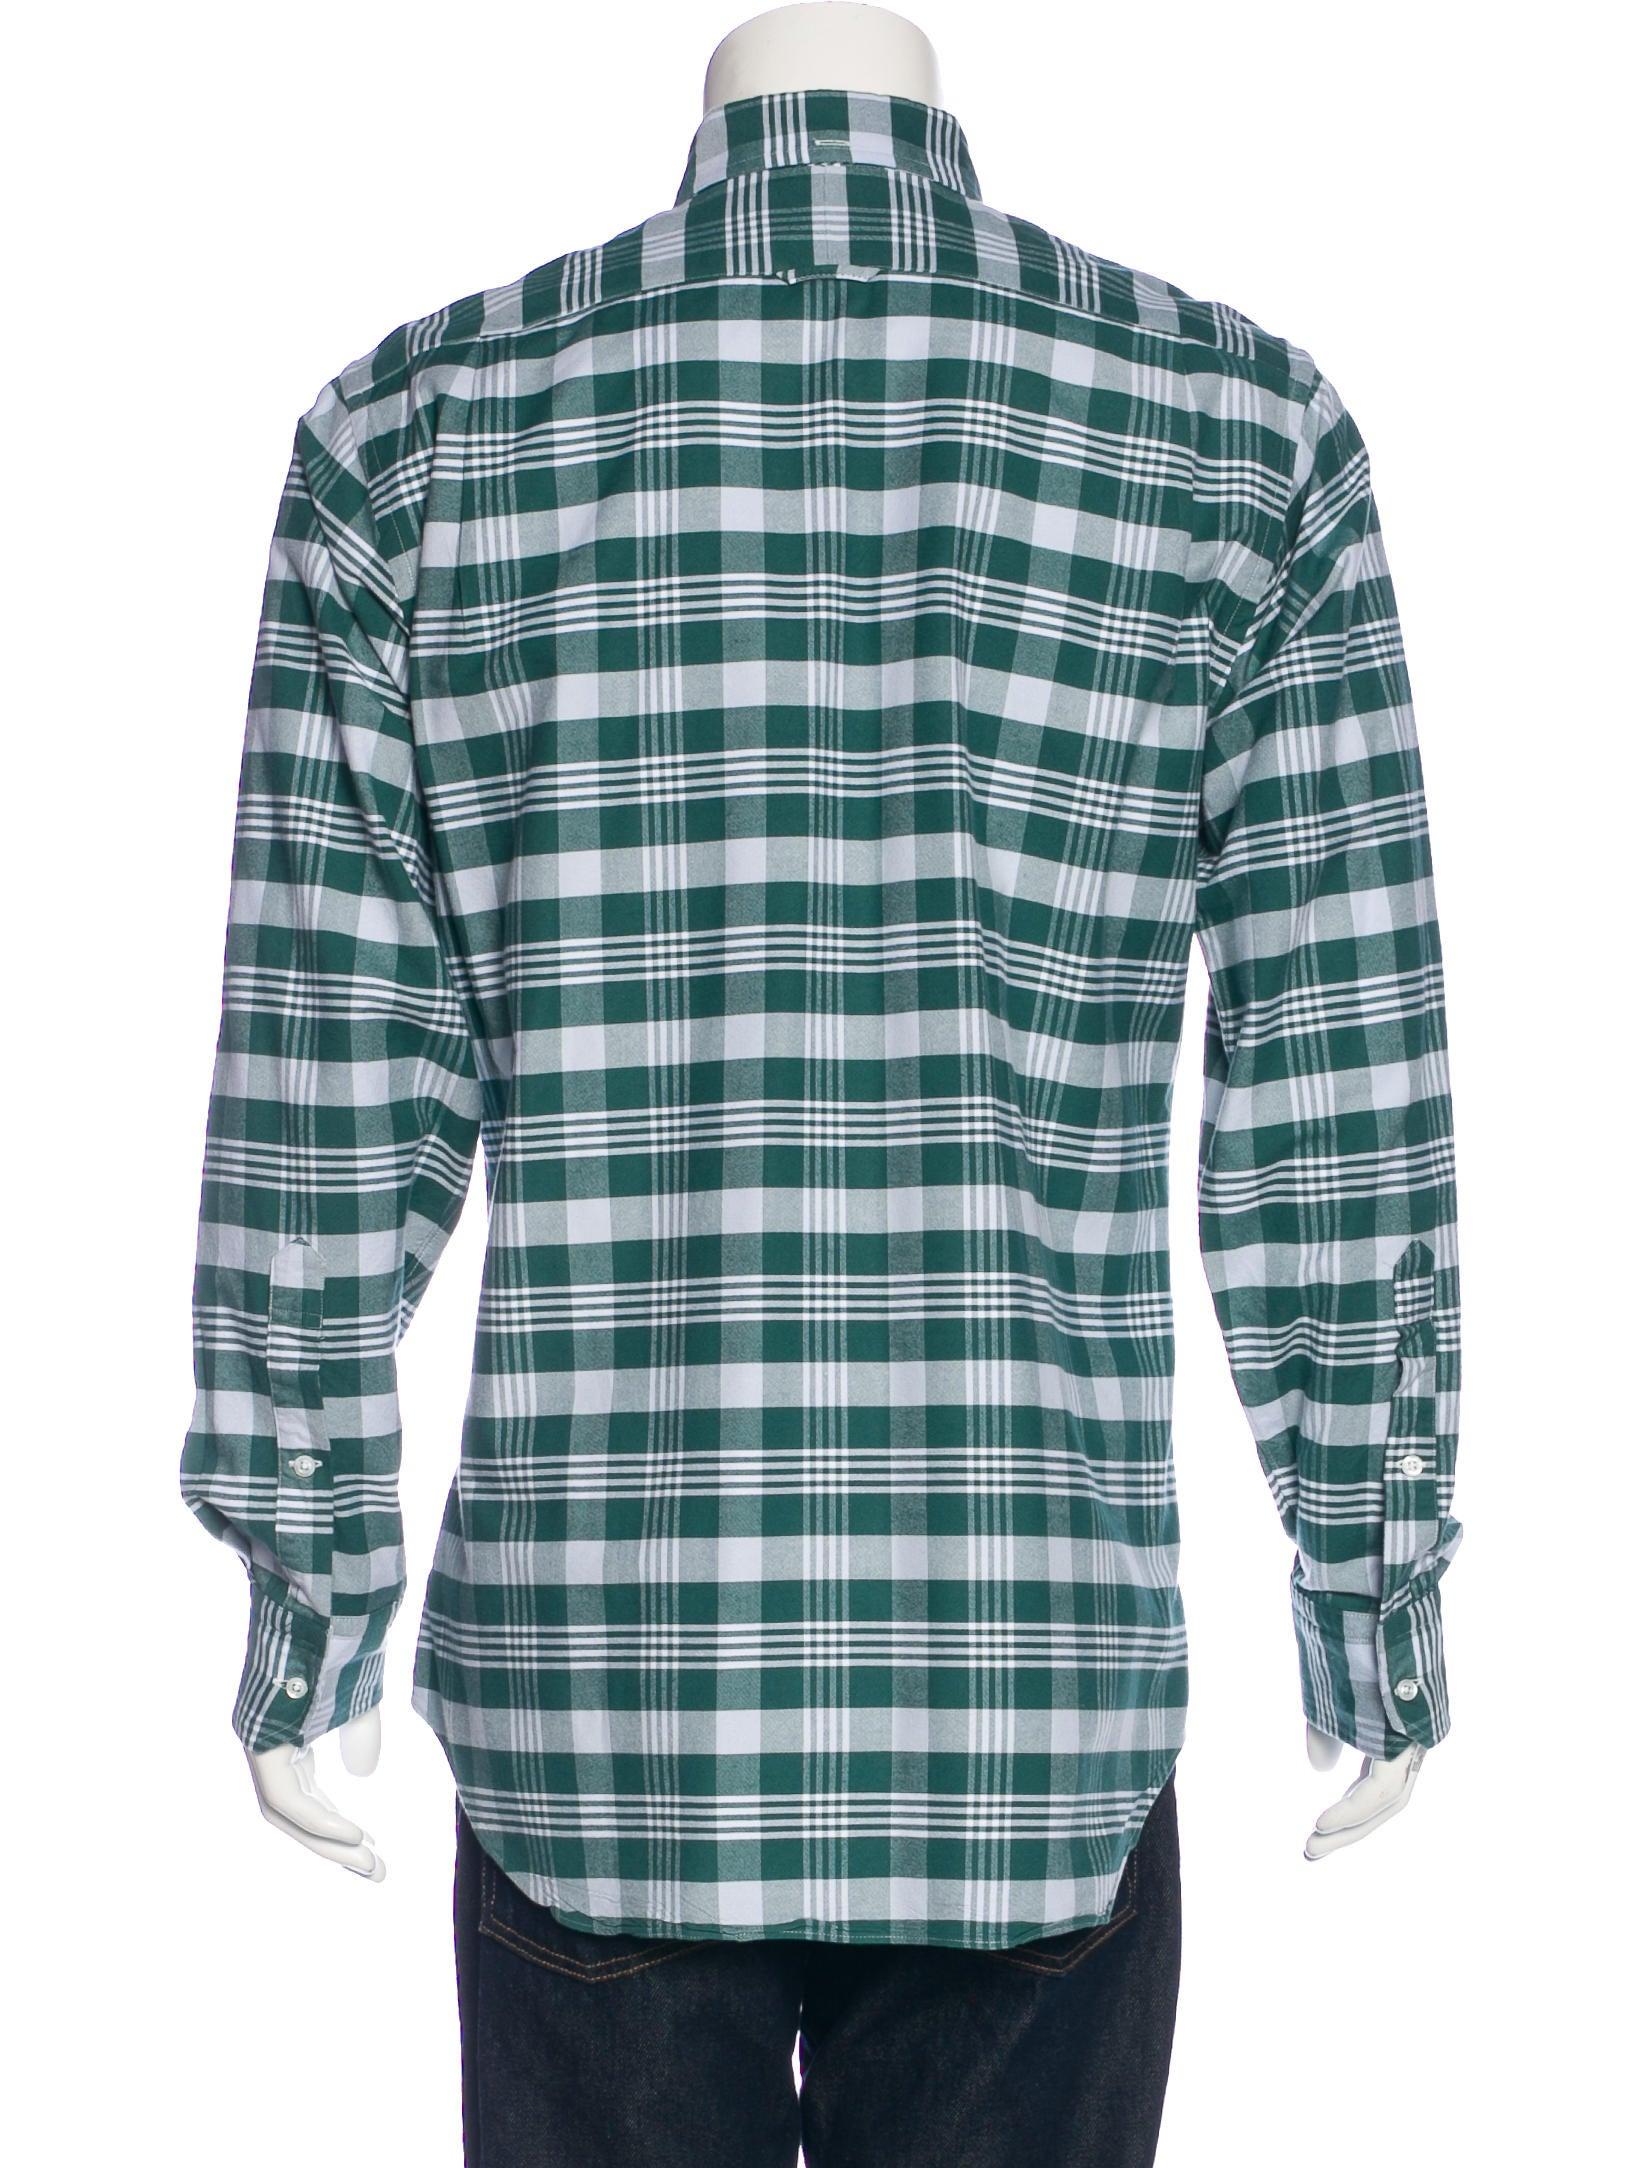 Thom browne plaid oxford shirt clothing tho22114 the for Thom browne shirt sale